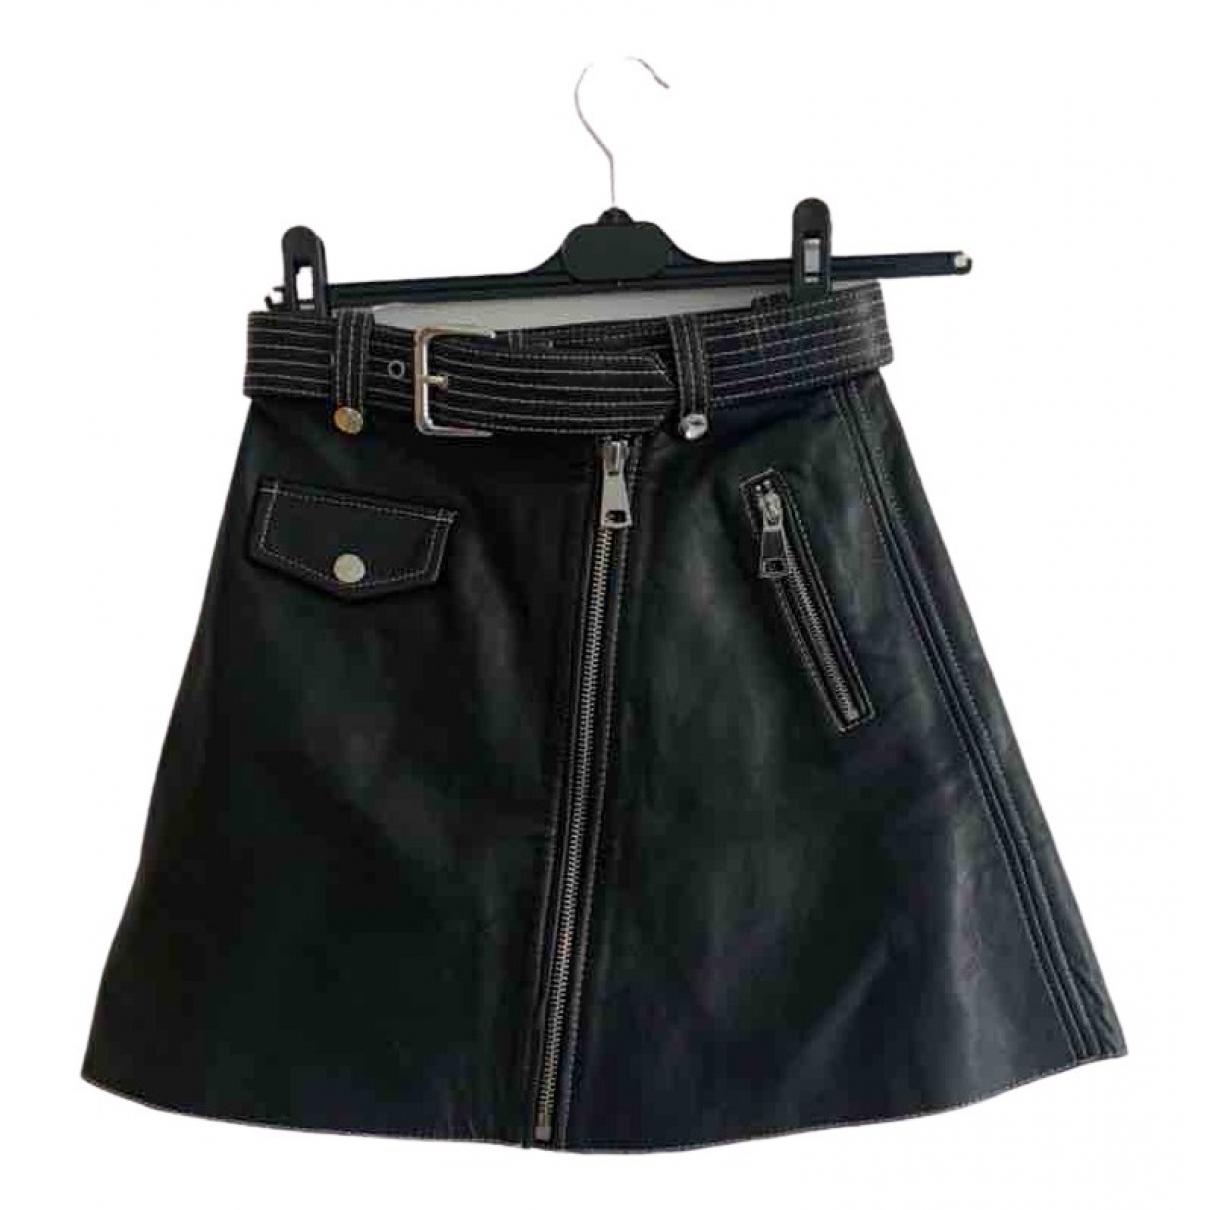 Maje - Jupe   pour femme en cuir - noir